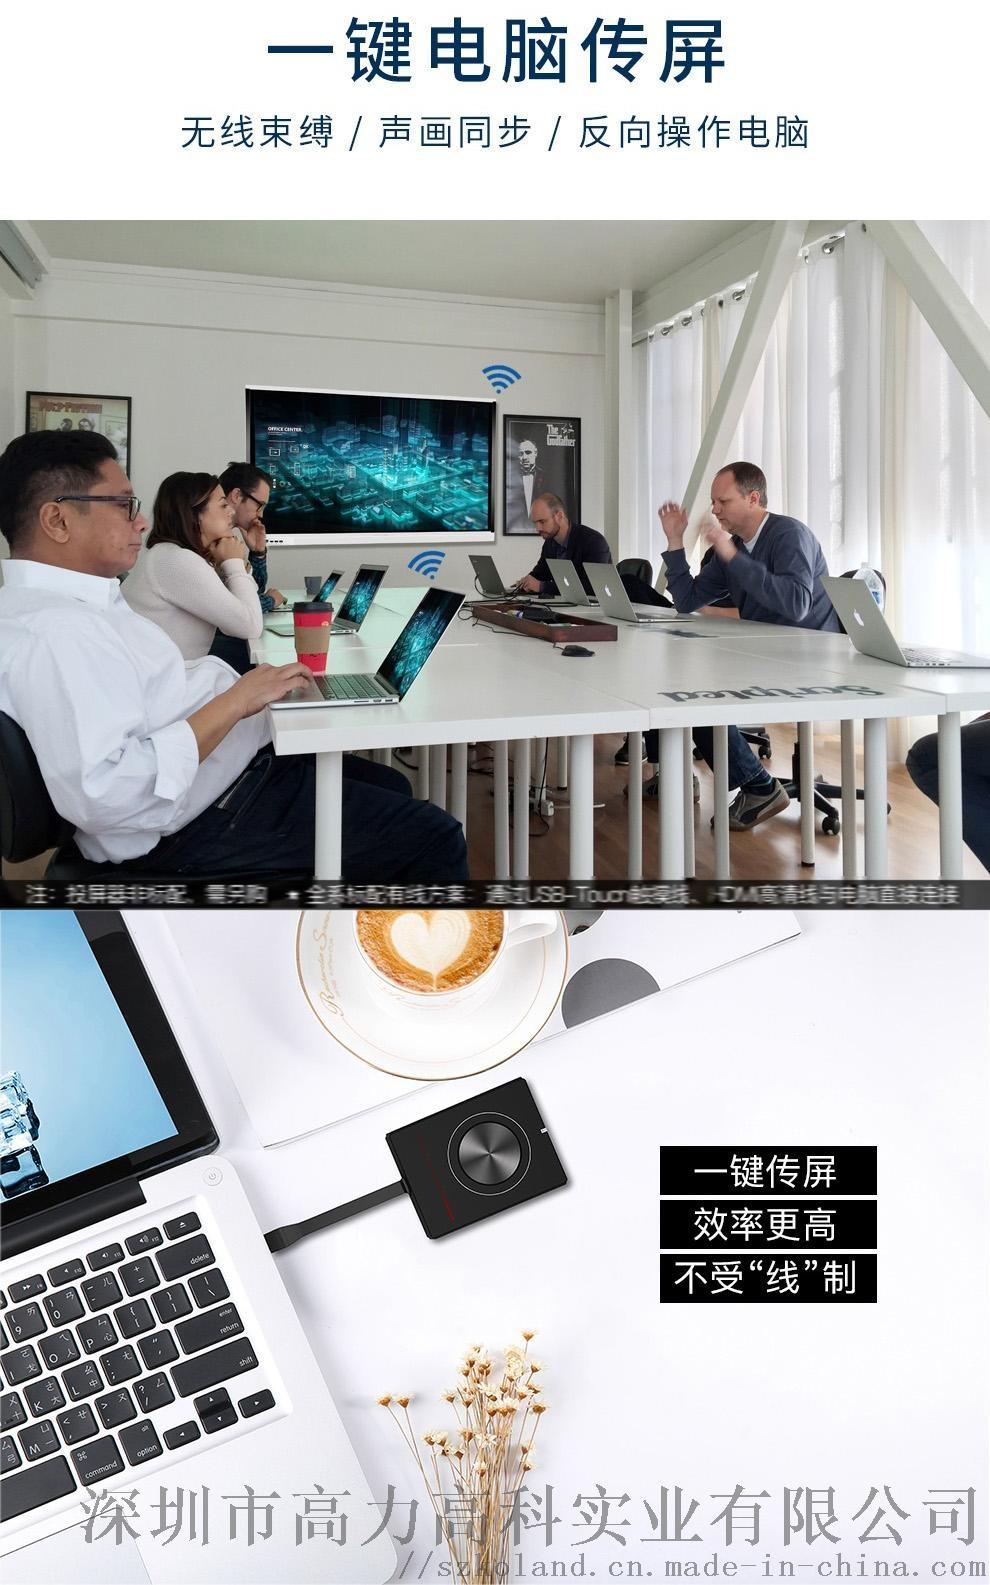 98寸智能会议平板一体机教育一体机商务会议交互平板64093852